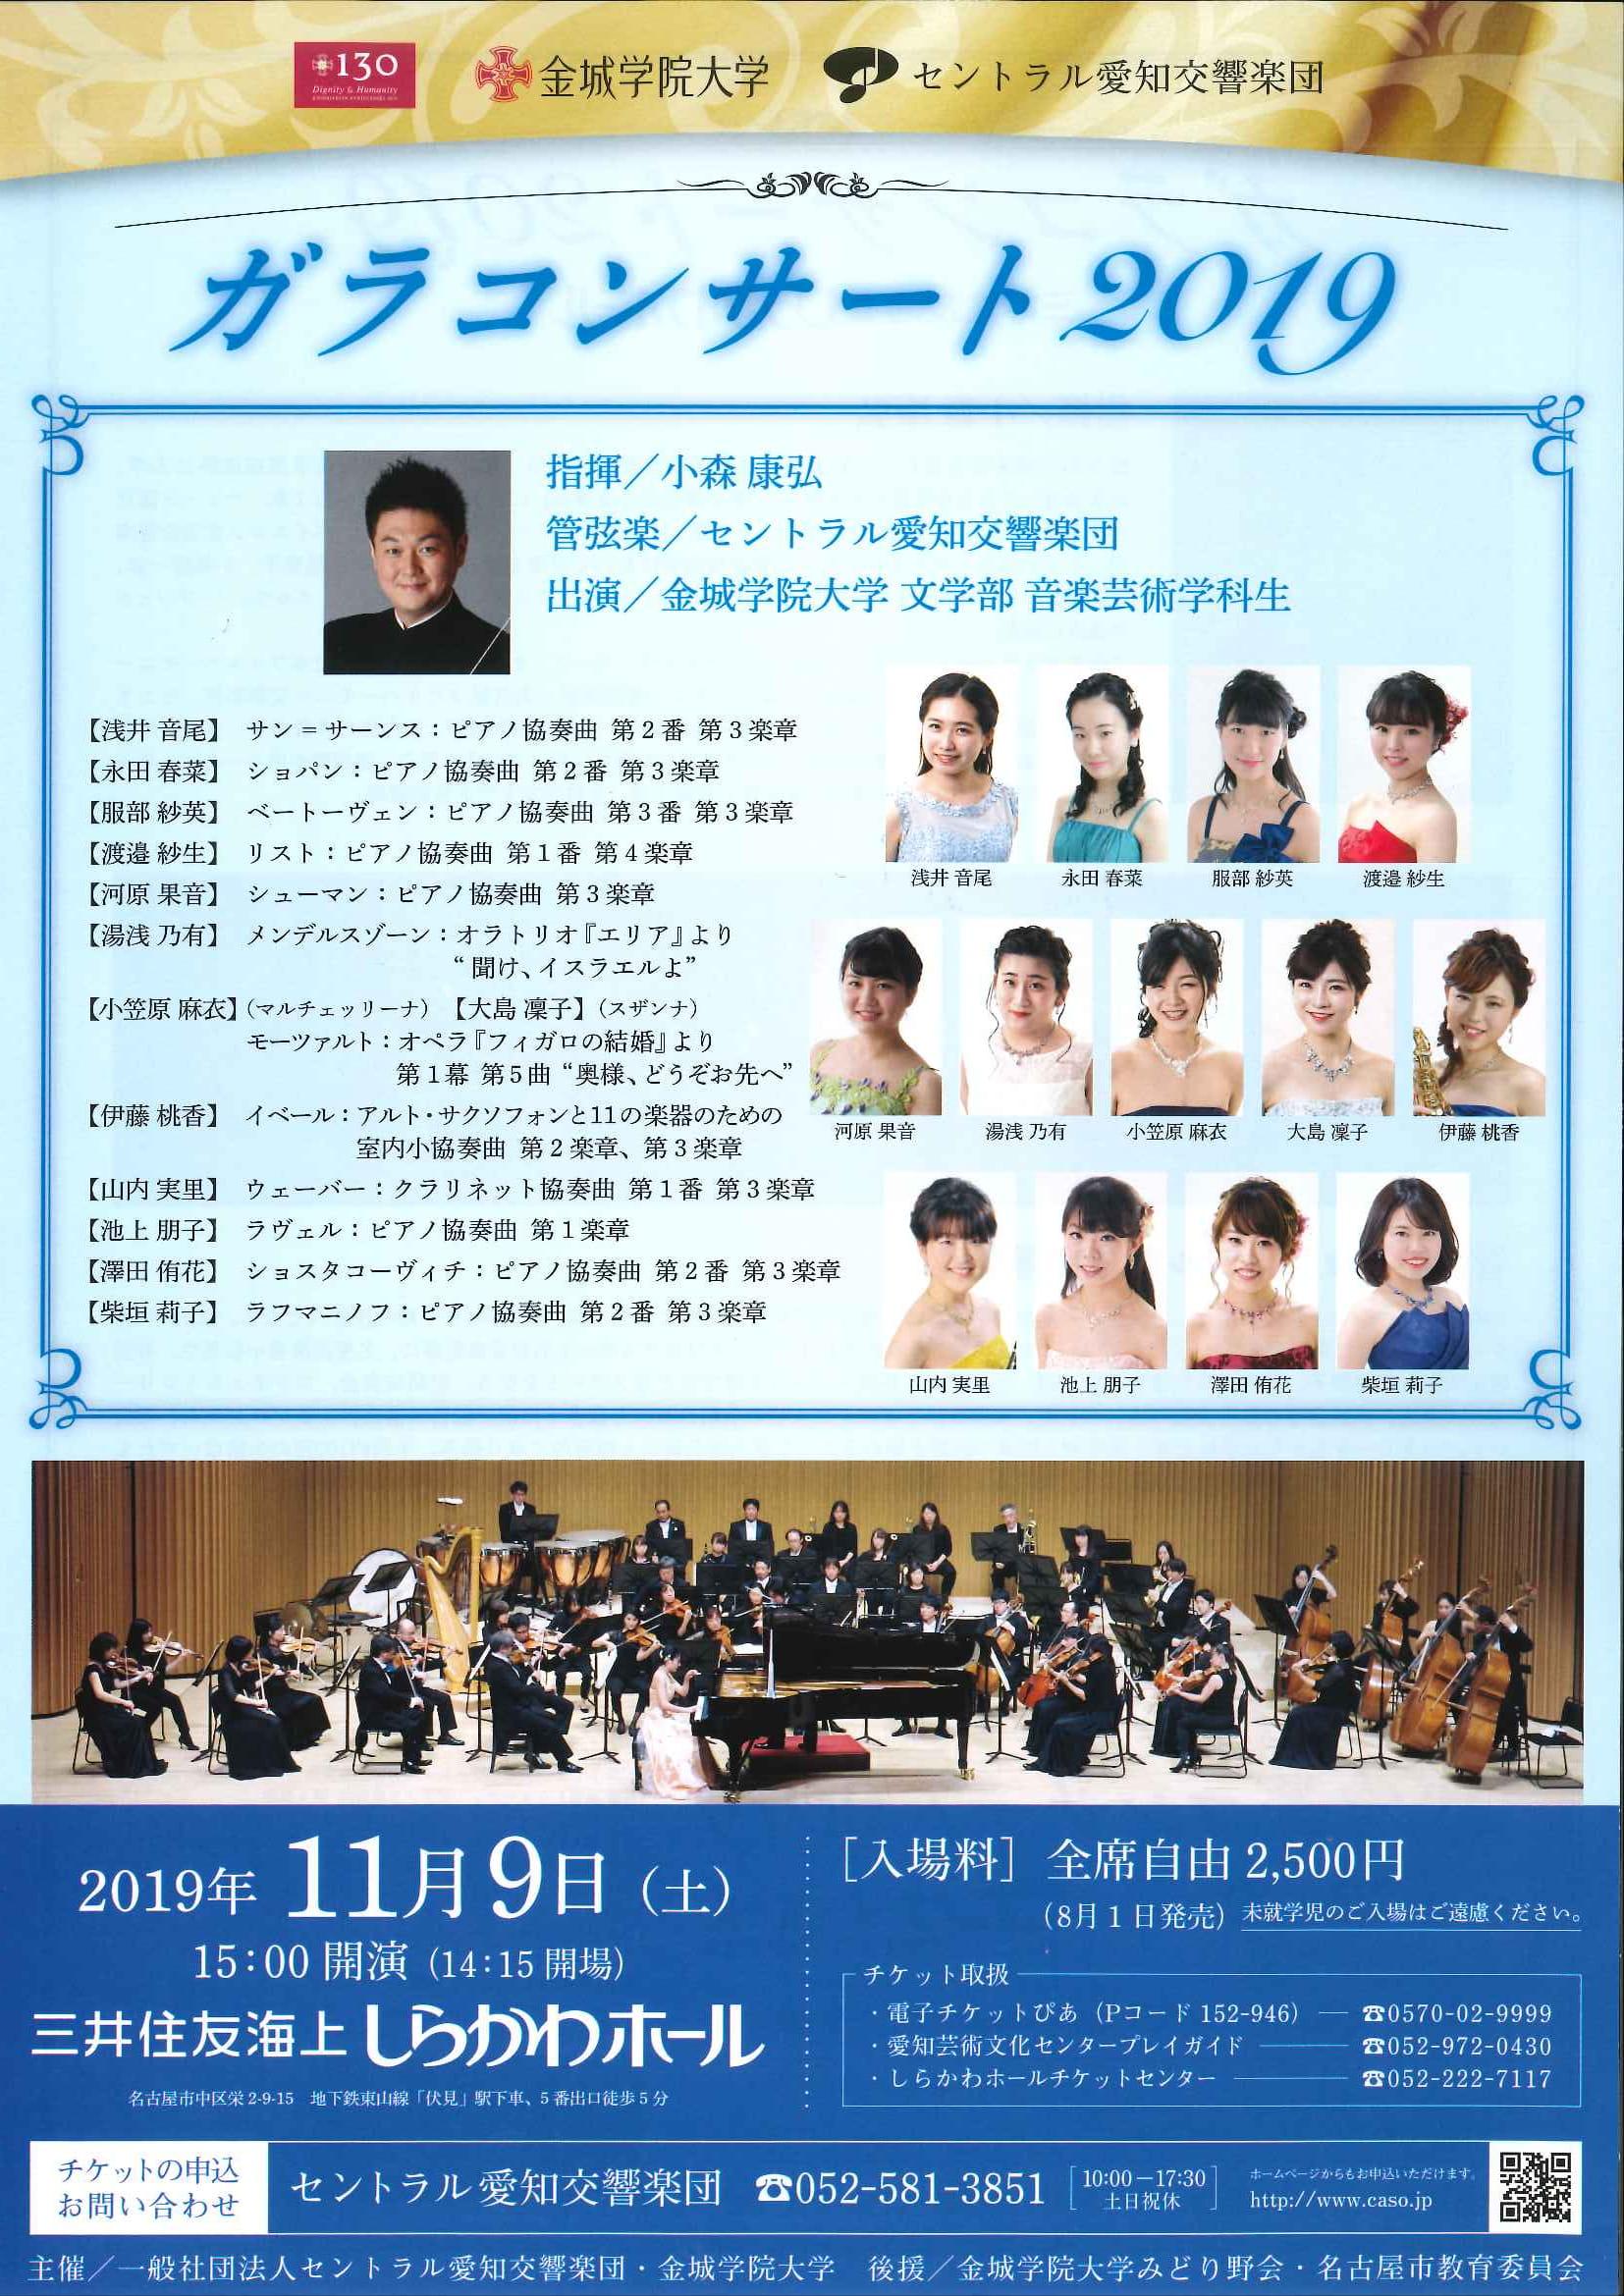 金城学院大学・セントラル愛知交響楽団 ガラコンサート2019